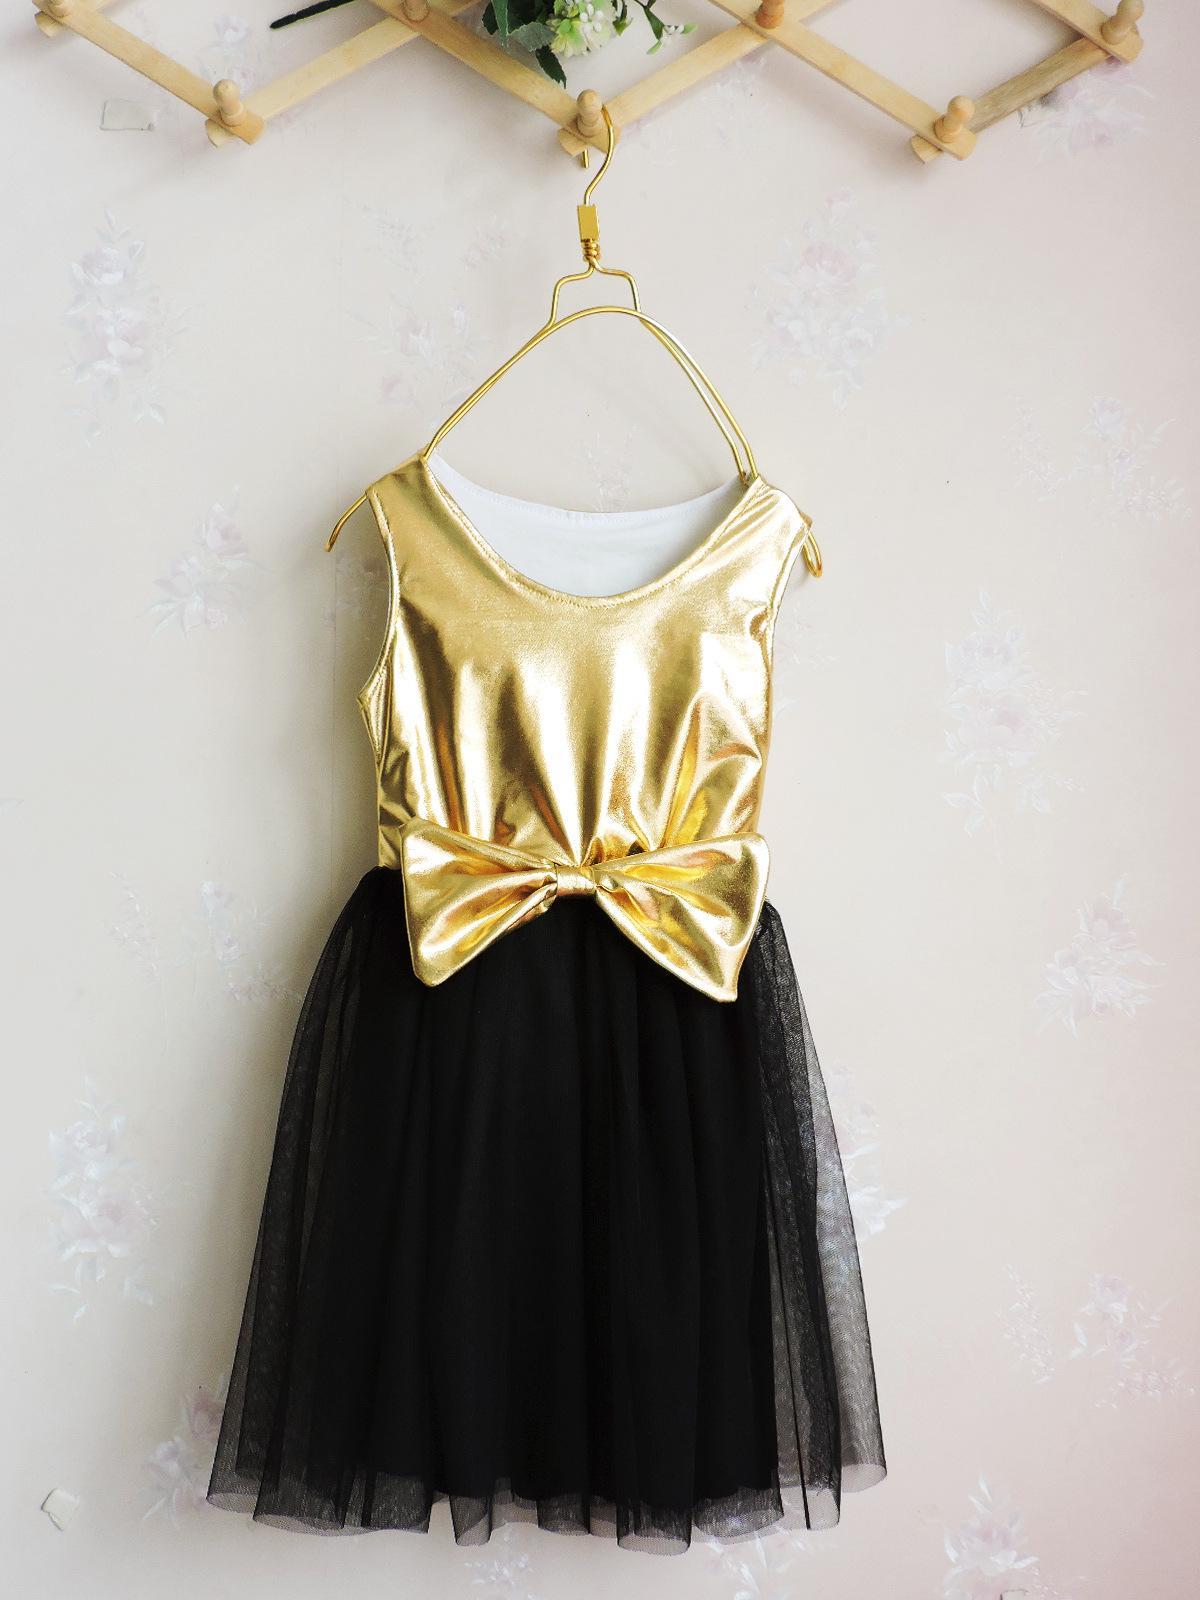 Black dress for baby girl - Cheap Baby Girl Dresses Cute Flower Girl Dresses Size 11